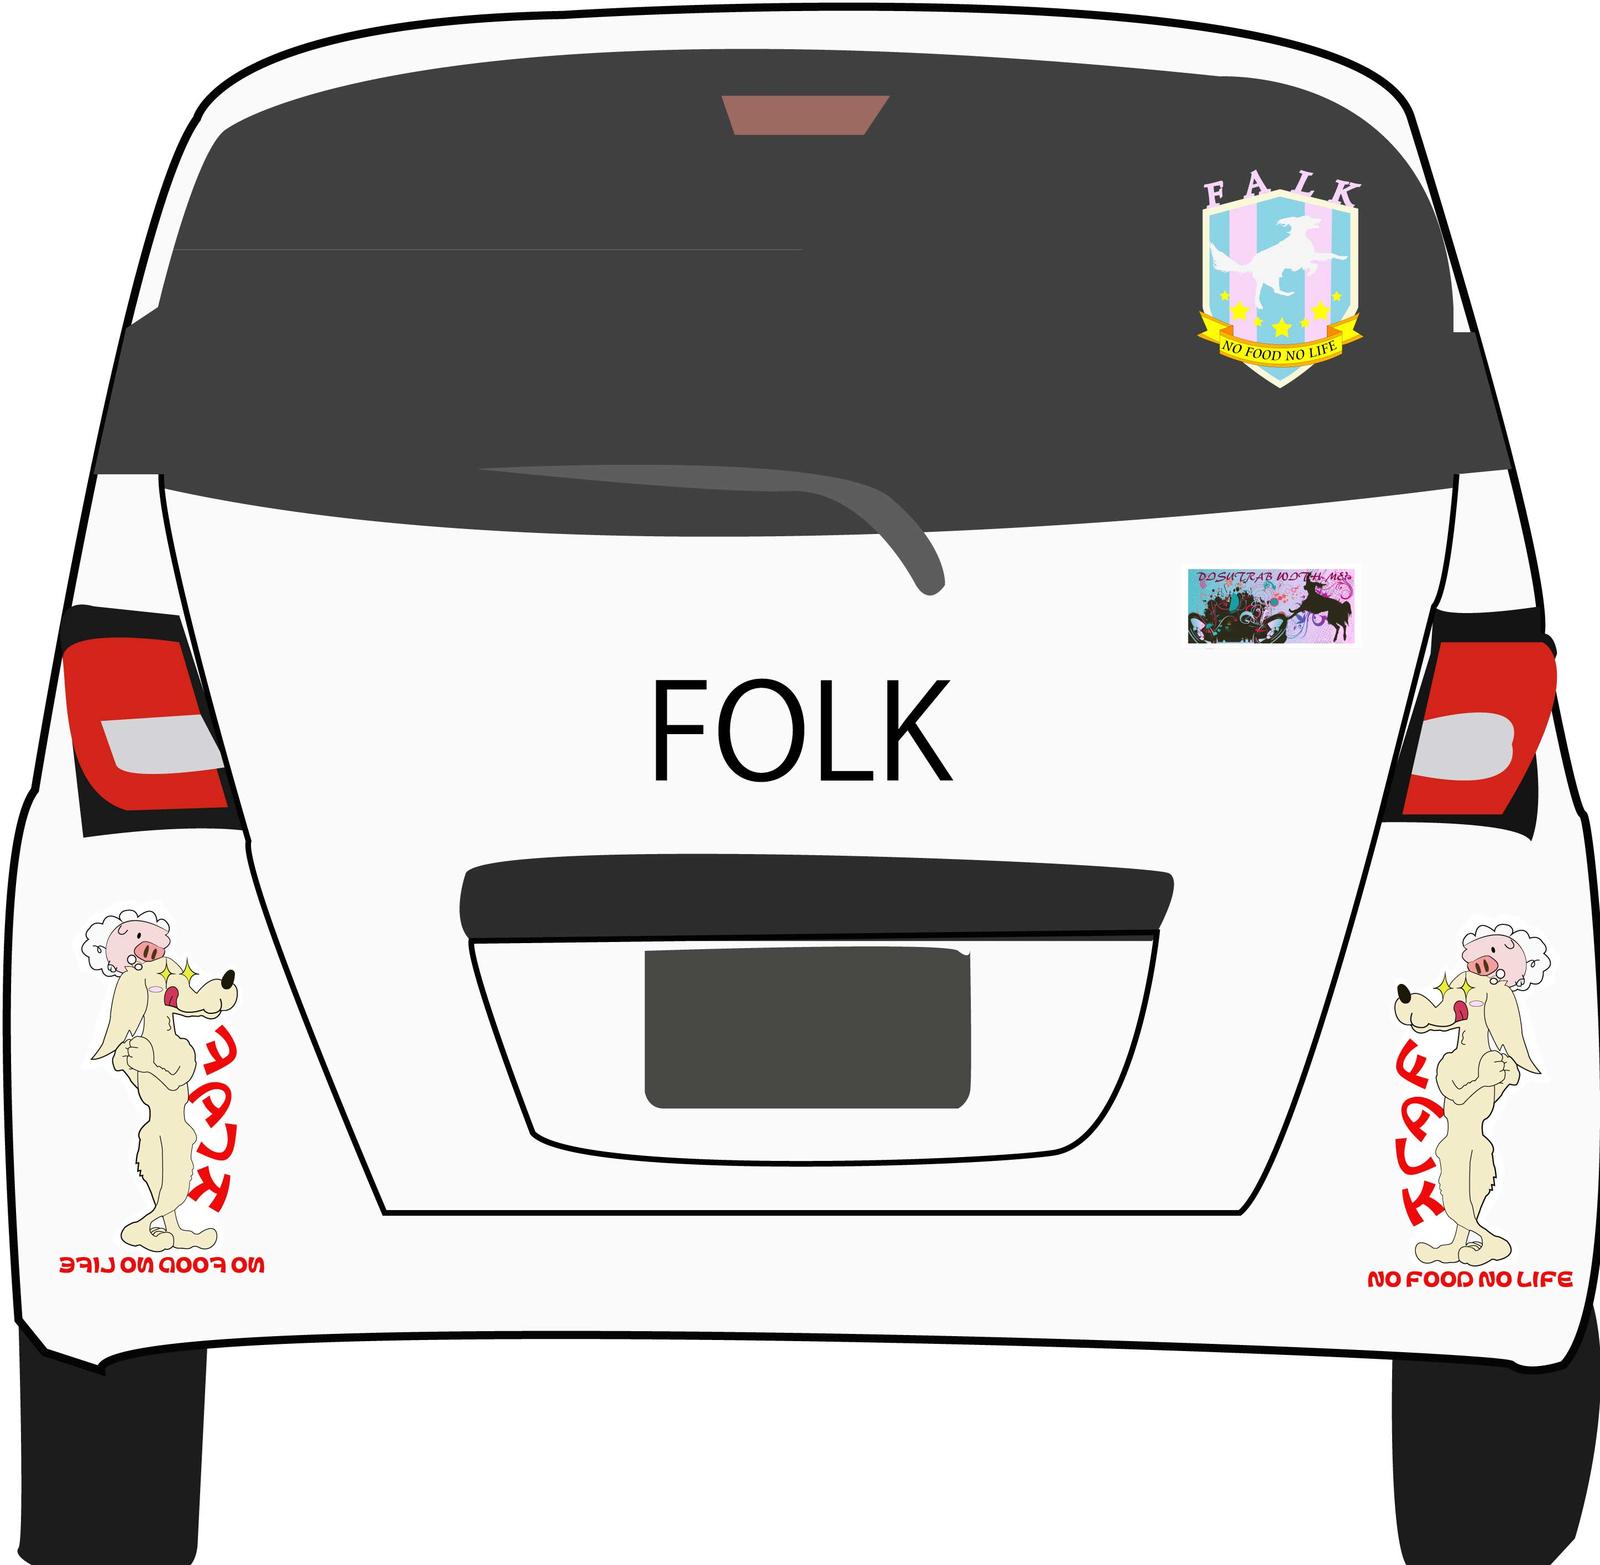 Falk7